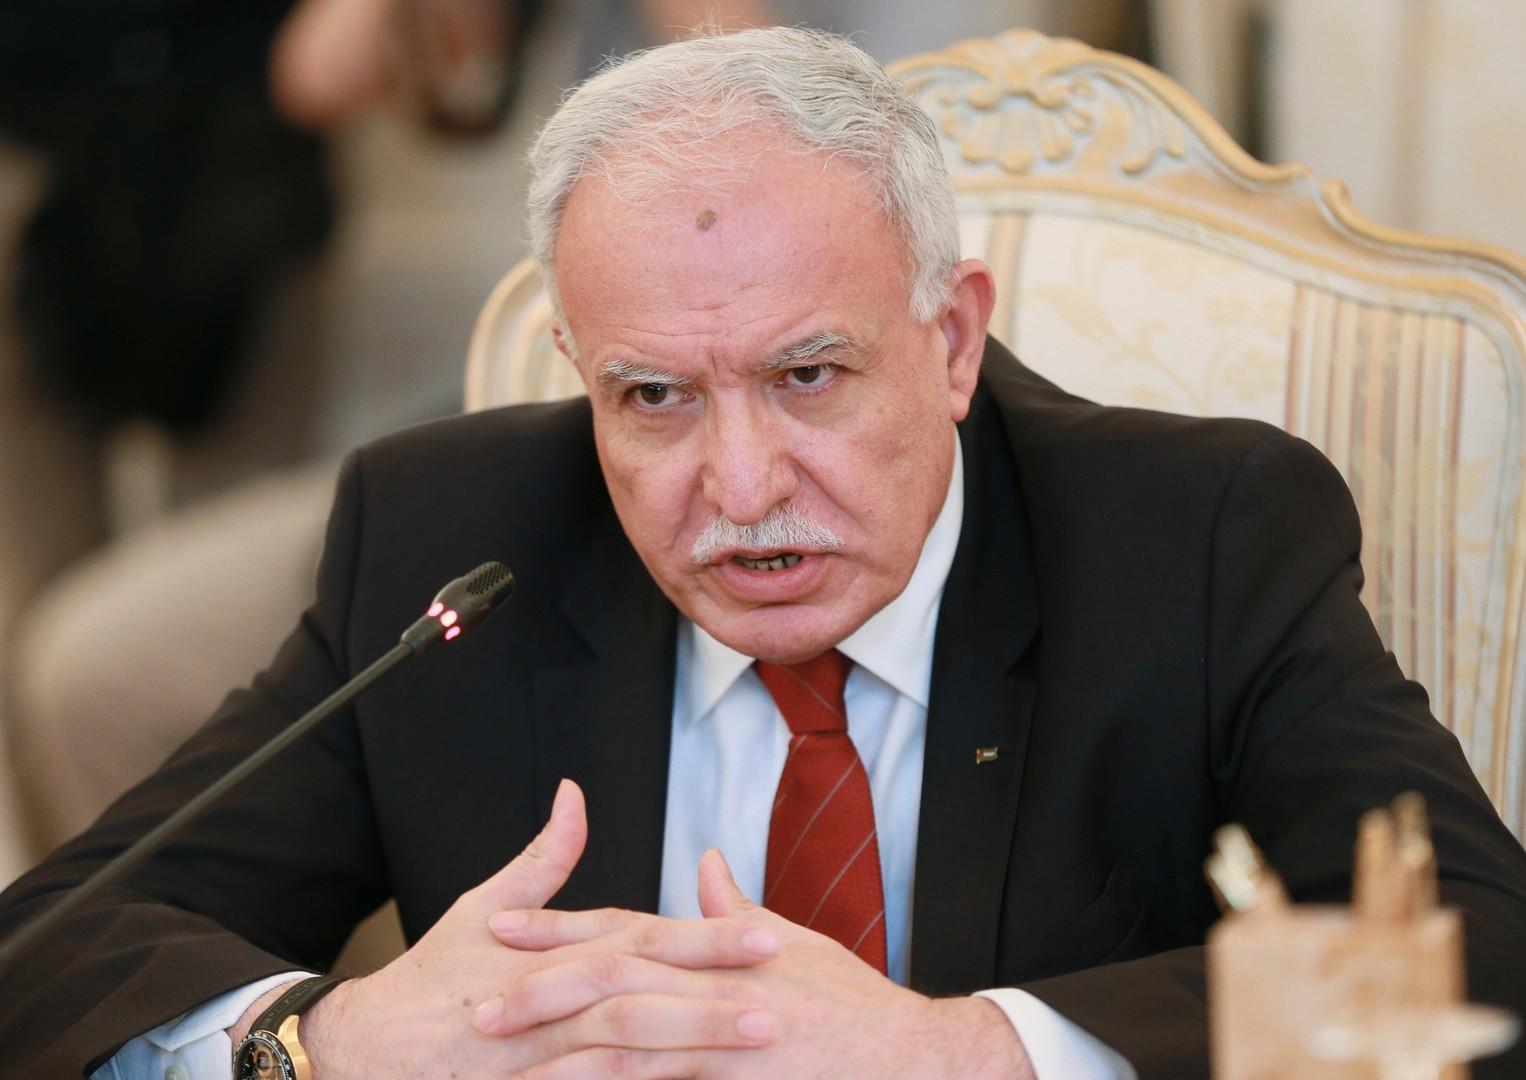 Глава МИД Палестины — RT: Мы приветствуем ведущую роль Москвы в урегулировании конфликтов